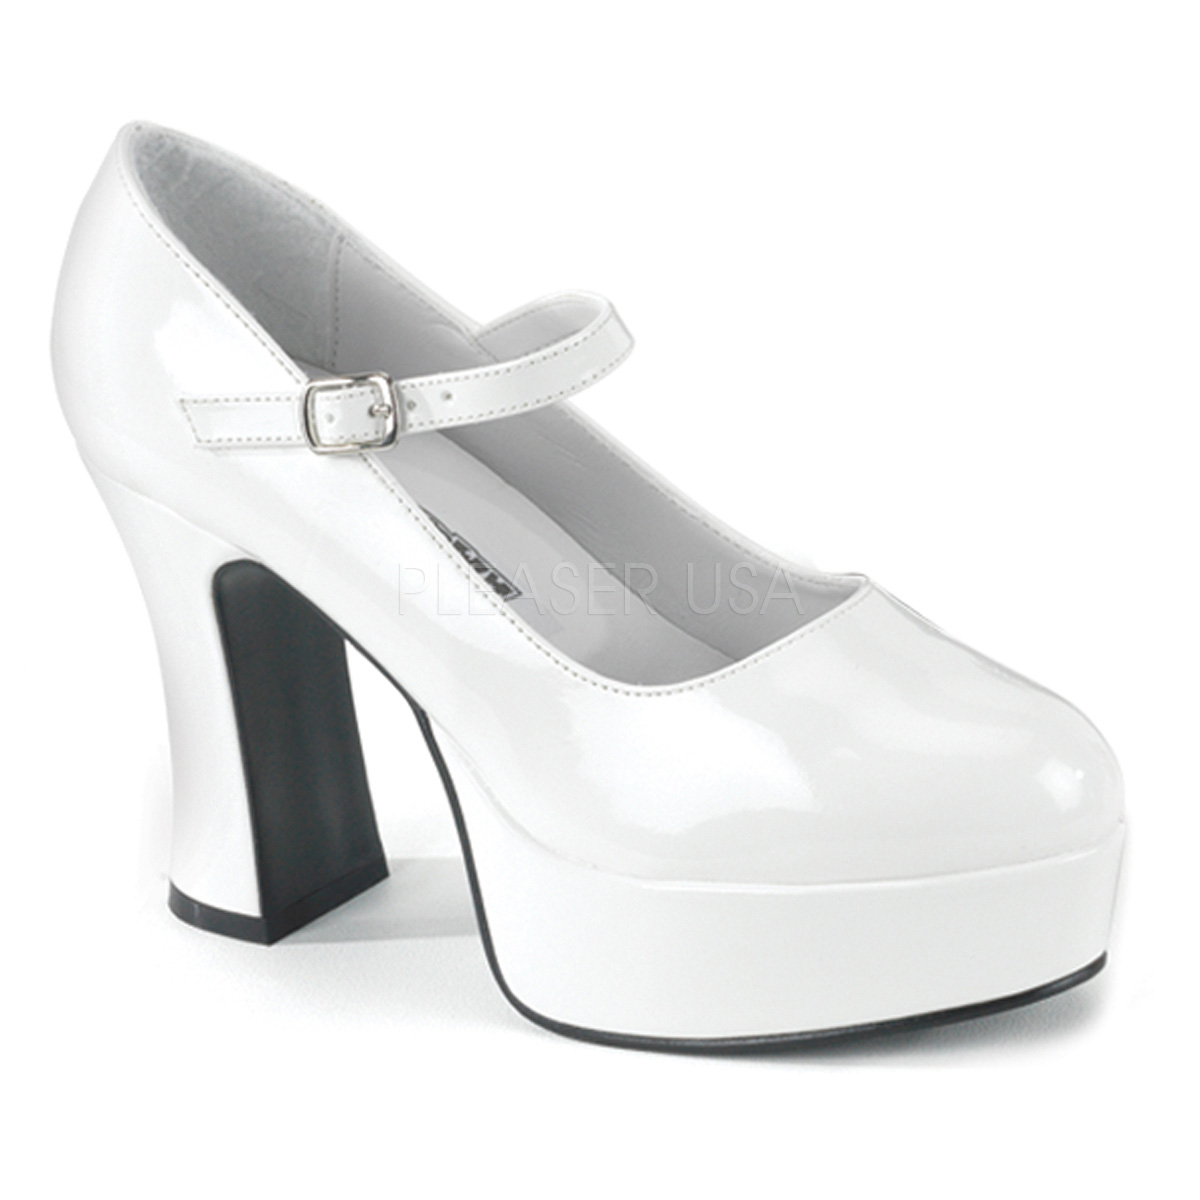 rechercher le dernier plus tard meilleur choix Escarpins pieds larges blancs vernis